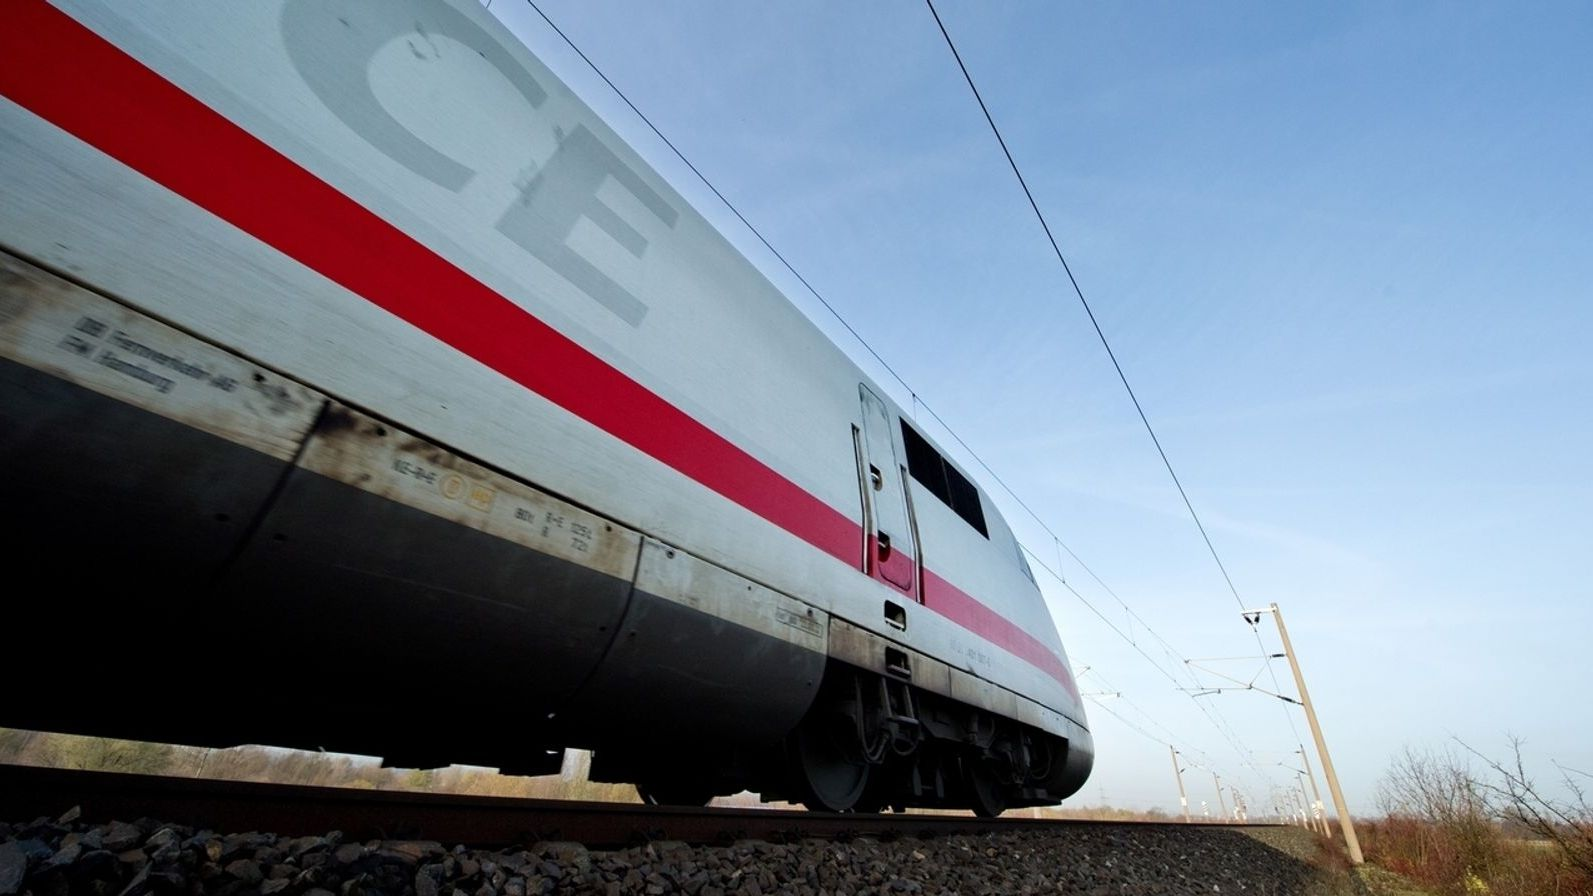 Ein Zug fährt auf einem Gleis, im Hintergrund blauer Himmel.